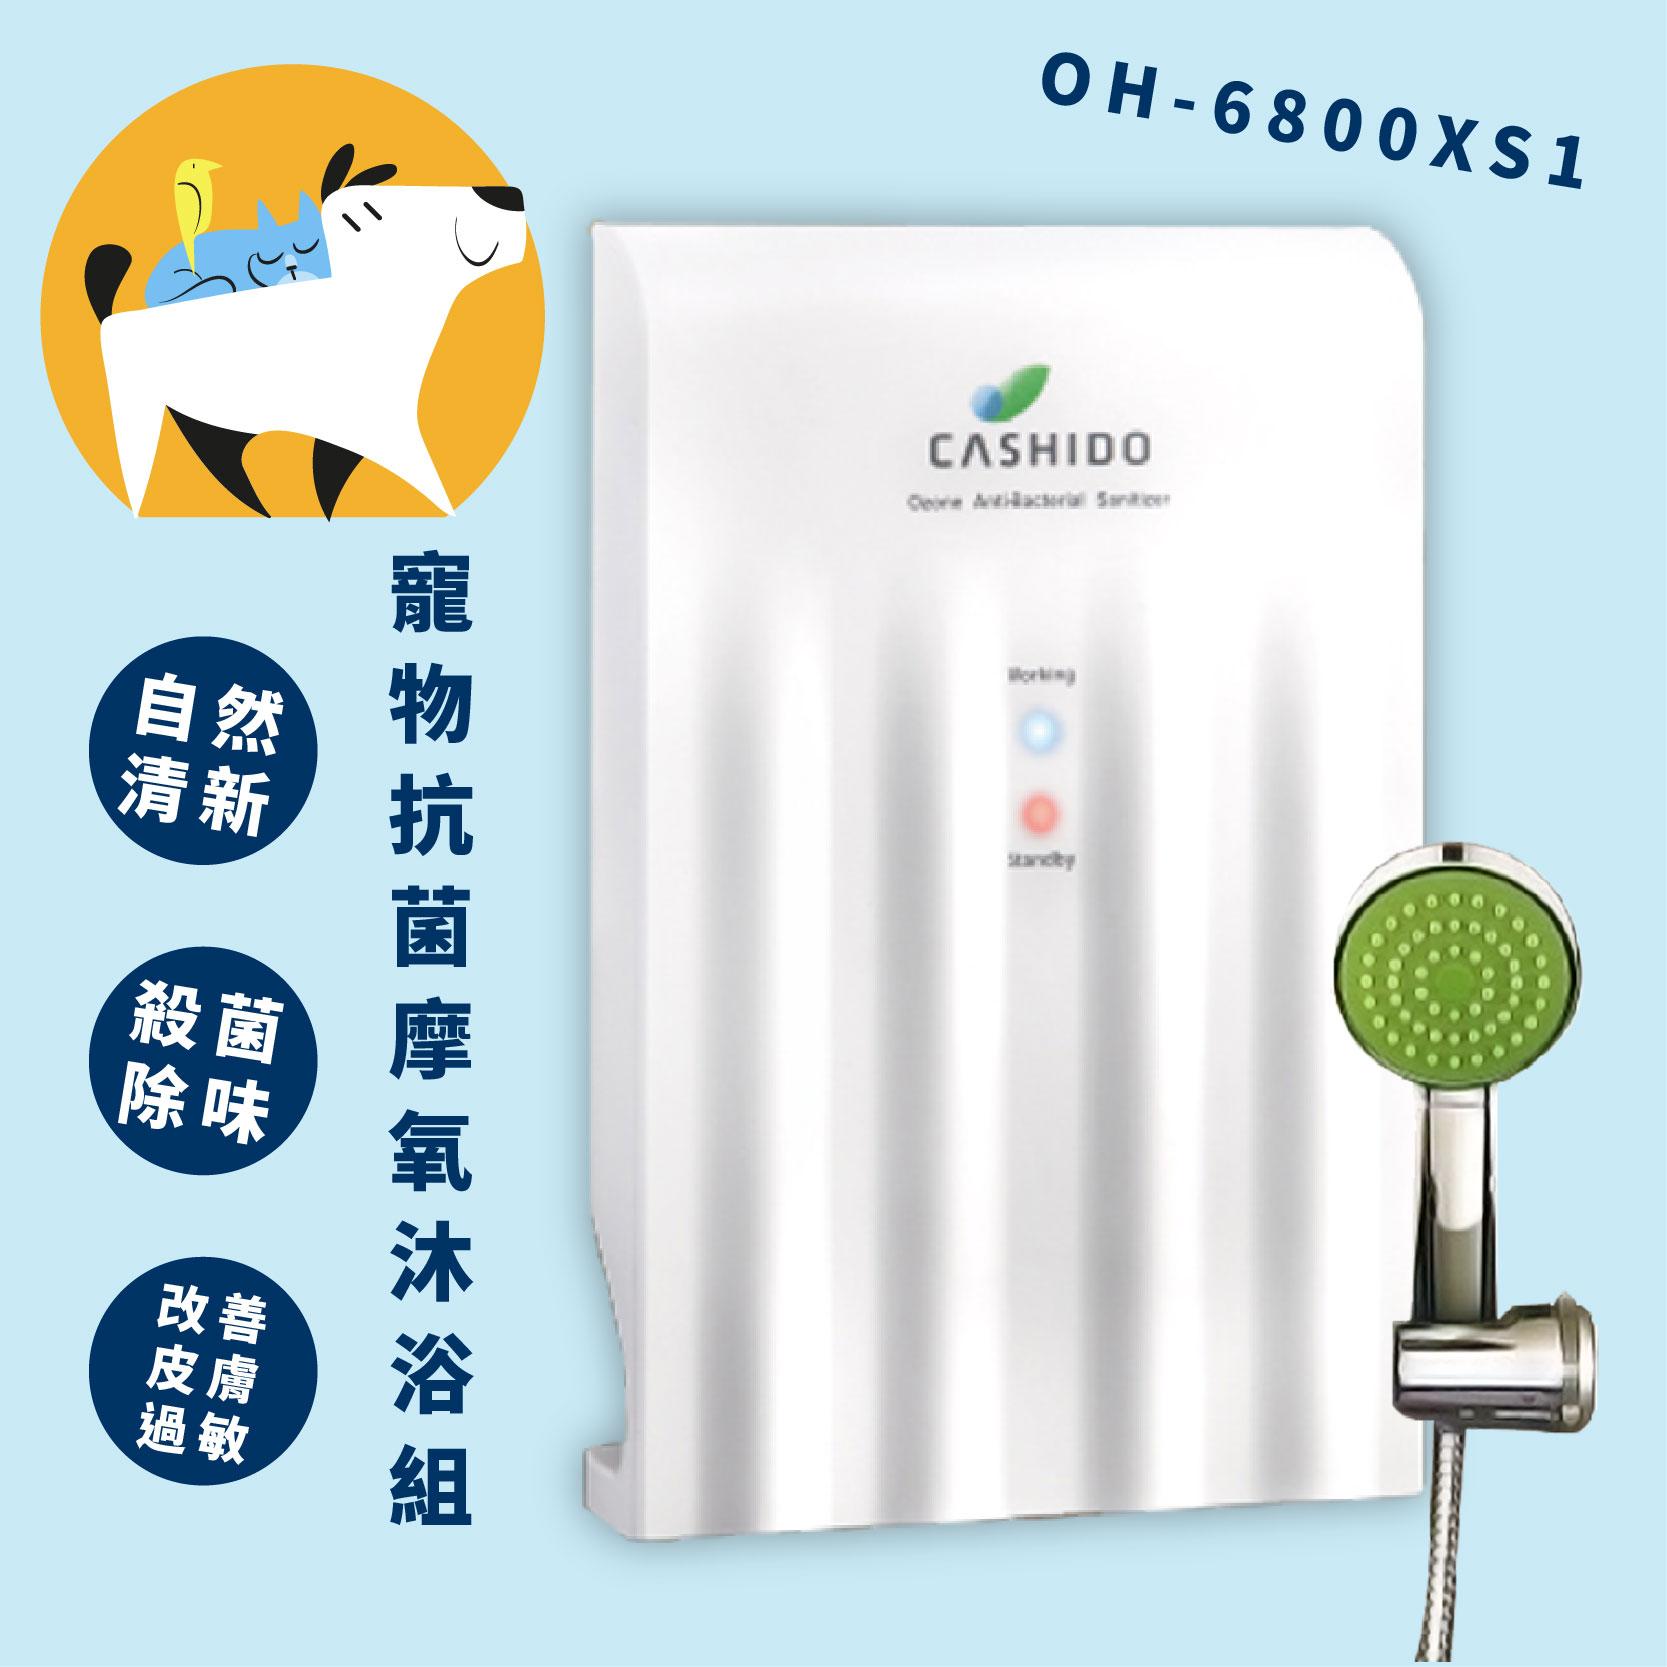 台灣研發 CASHIDO10秒機殺菌 摩氧浴 寵物沐浴組 殺菌去味 改善皮膚過敏 洗澡機 抑菌 寵物沐浴機 溫和